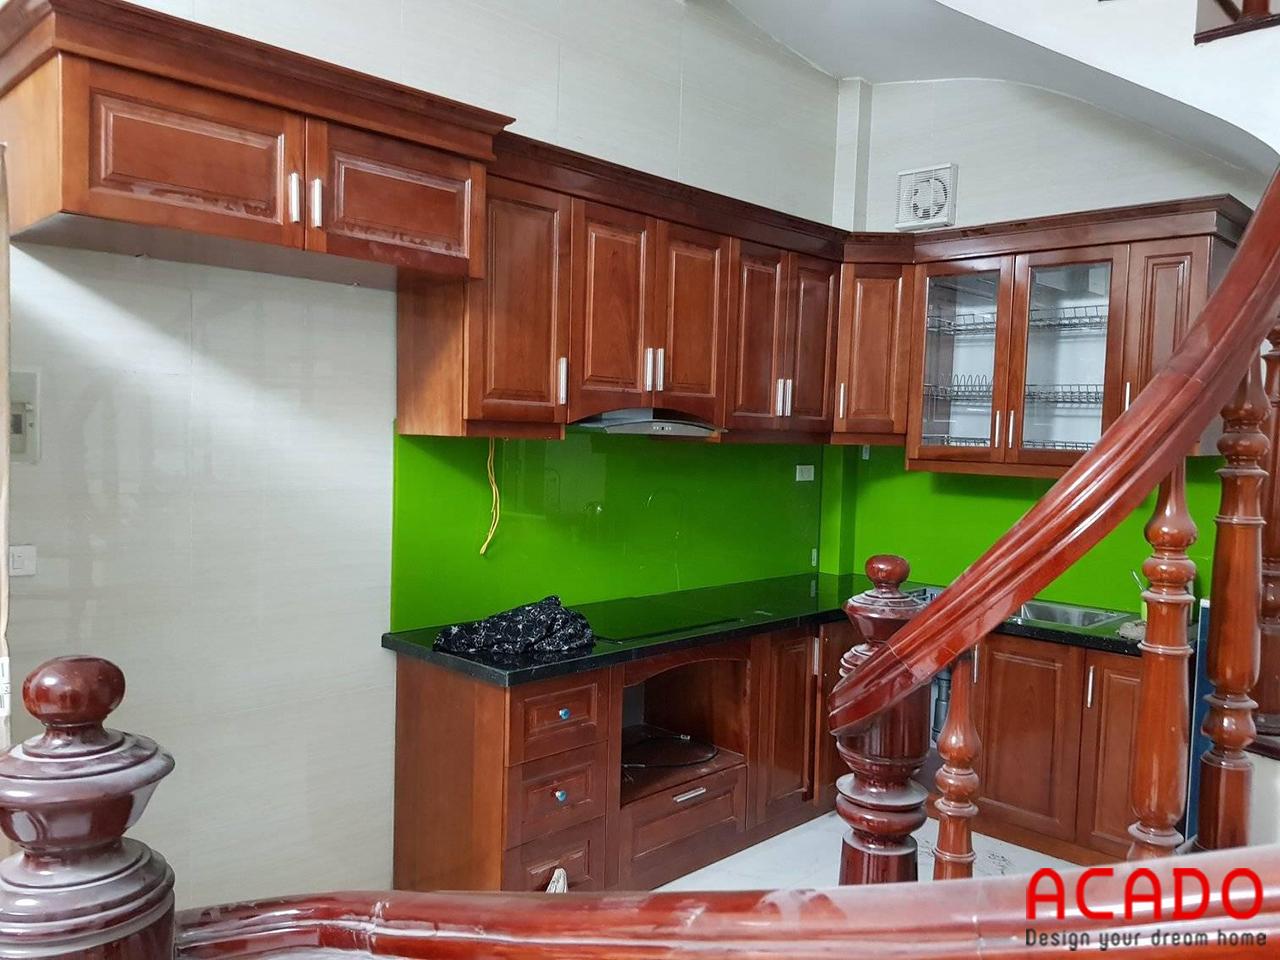 Tủ bếp gỗ xoan đào màu cánh gián ấm cúng cho căn bếp nhỏ